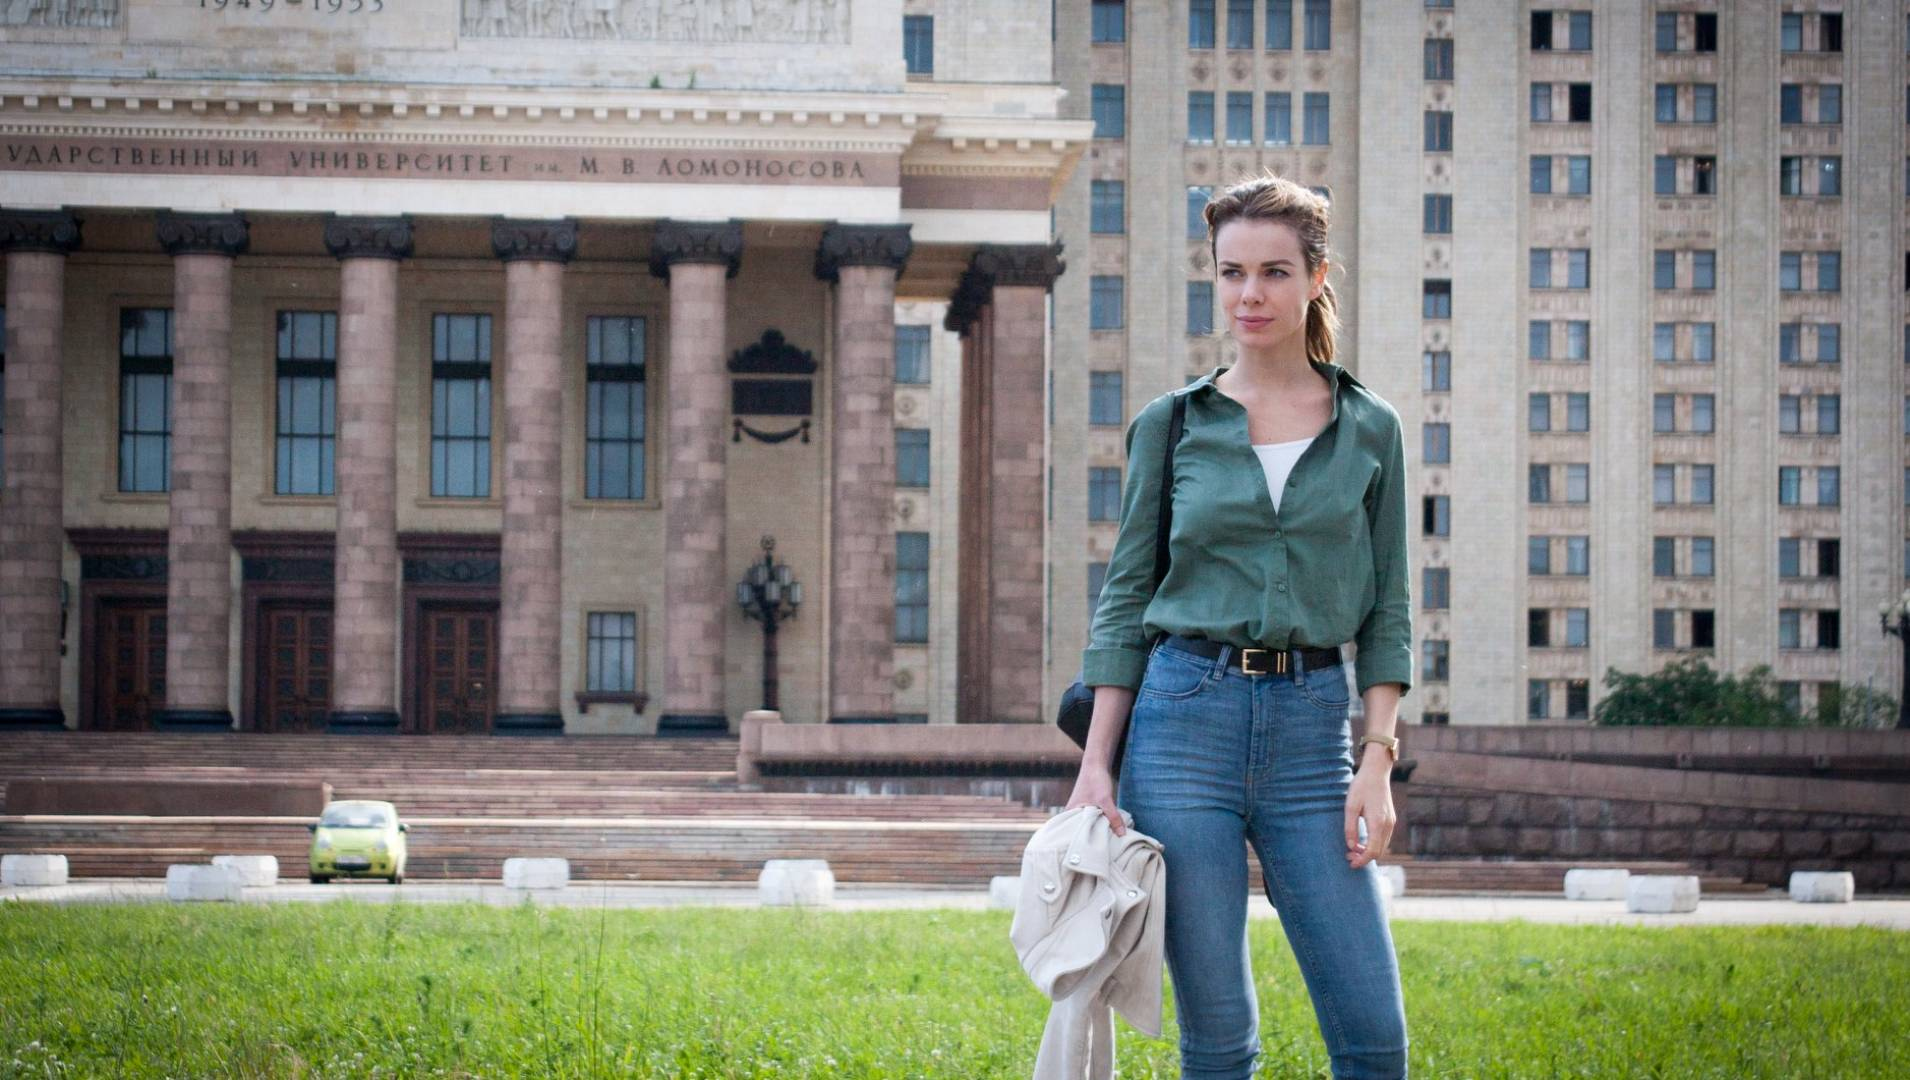 Московские тайны. Семь сестёр - Детектив, Сериал